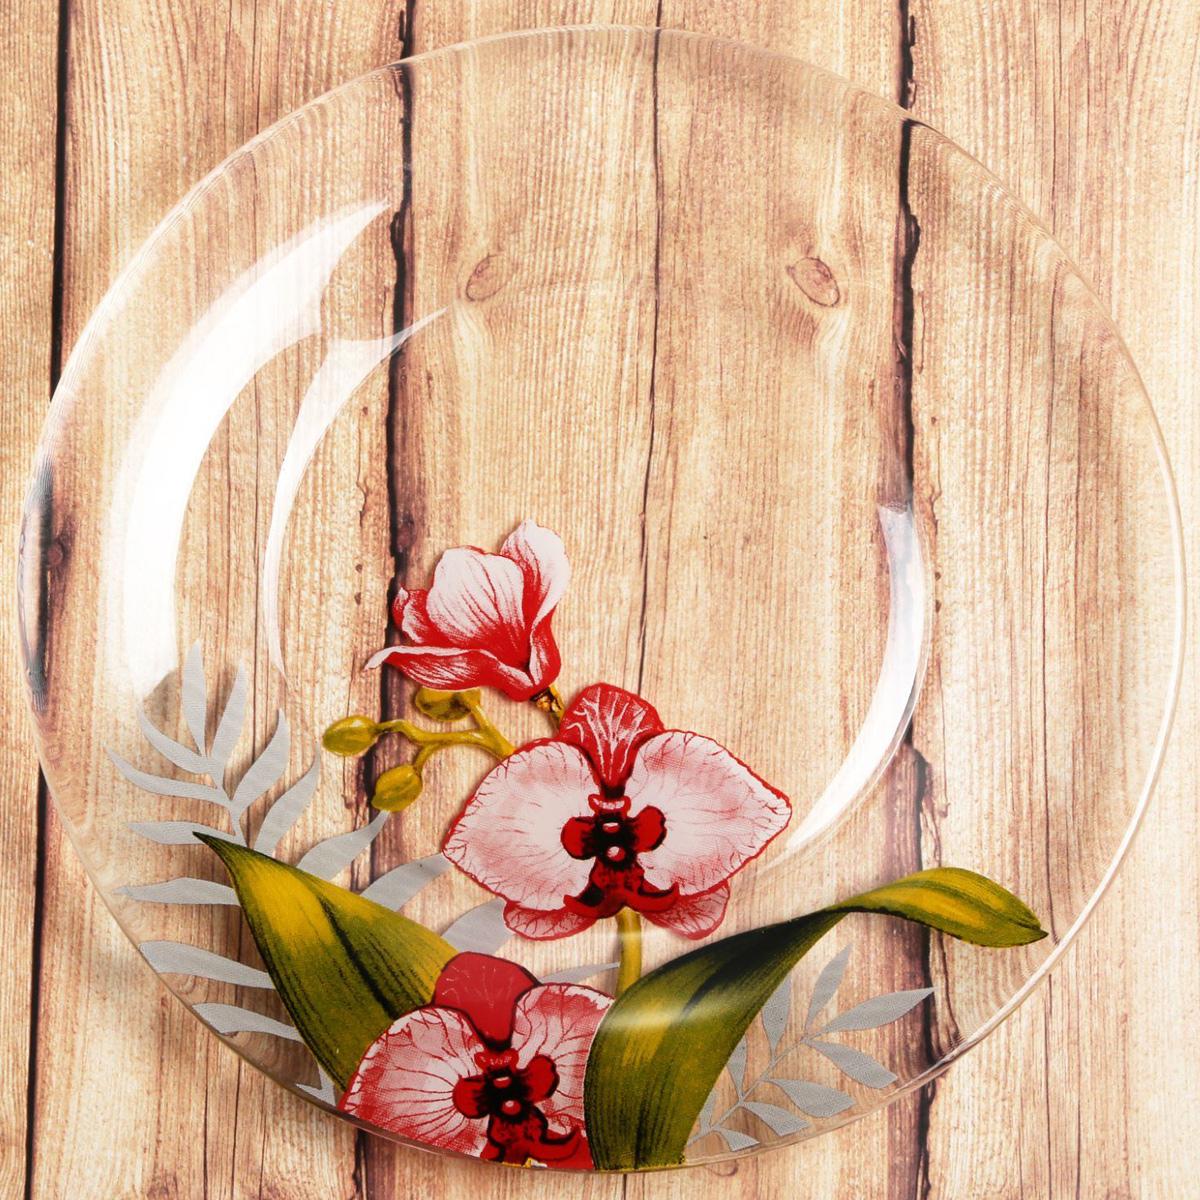 Тарелка Sima-land Орхидеи, диаметр 20 см2196445Красивая тарелка с рисунком дополнит праздничный стол, ведь прозрачное стекло выглядит элегантно и стильно. Тарелку можно использовать в микроволновой печи и мыть в посудомоечной машине. При бережном обращении изделие будет радовать вас безукоризненным внешним видом долгие годы.